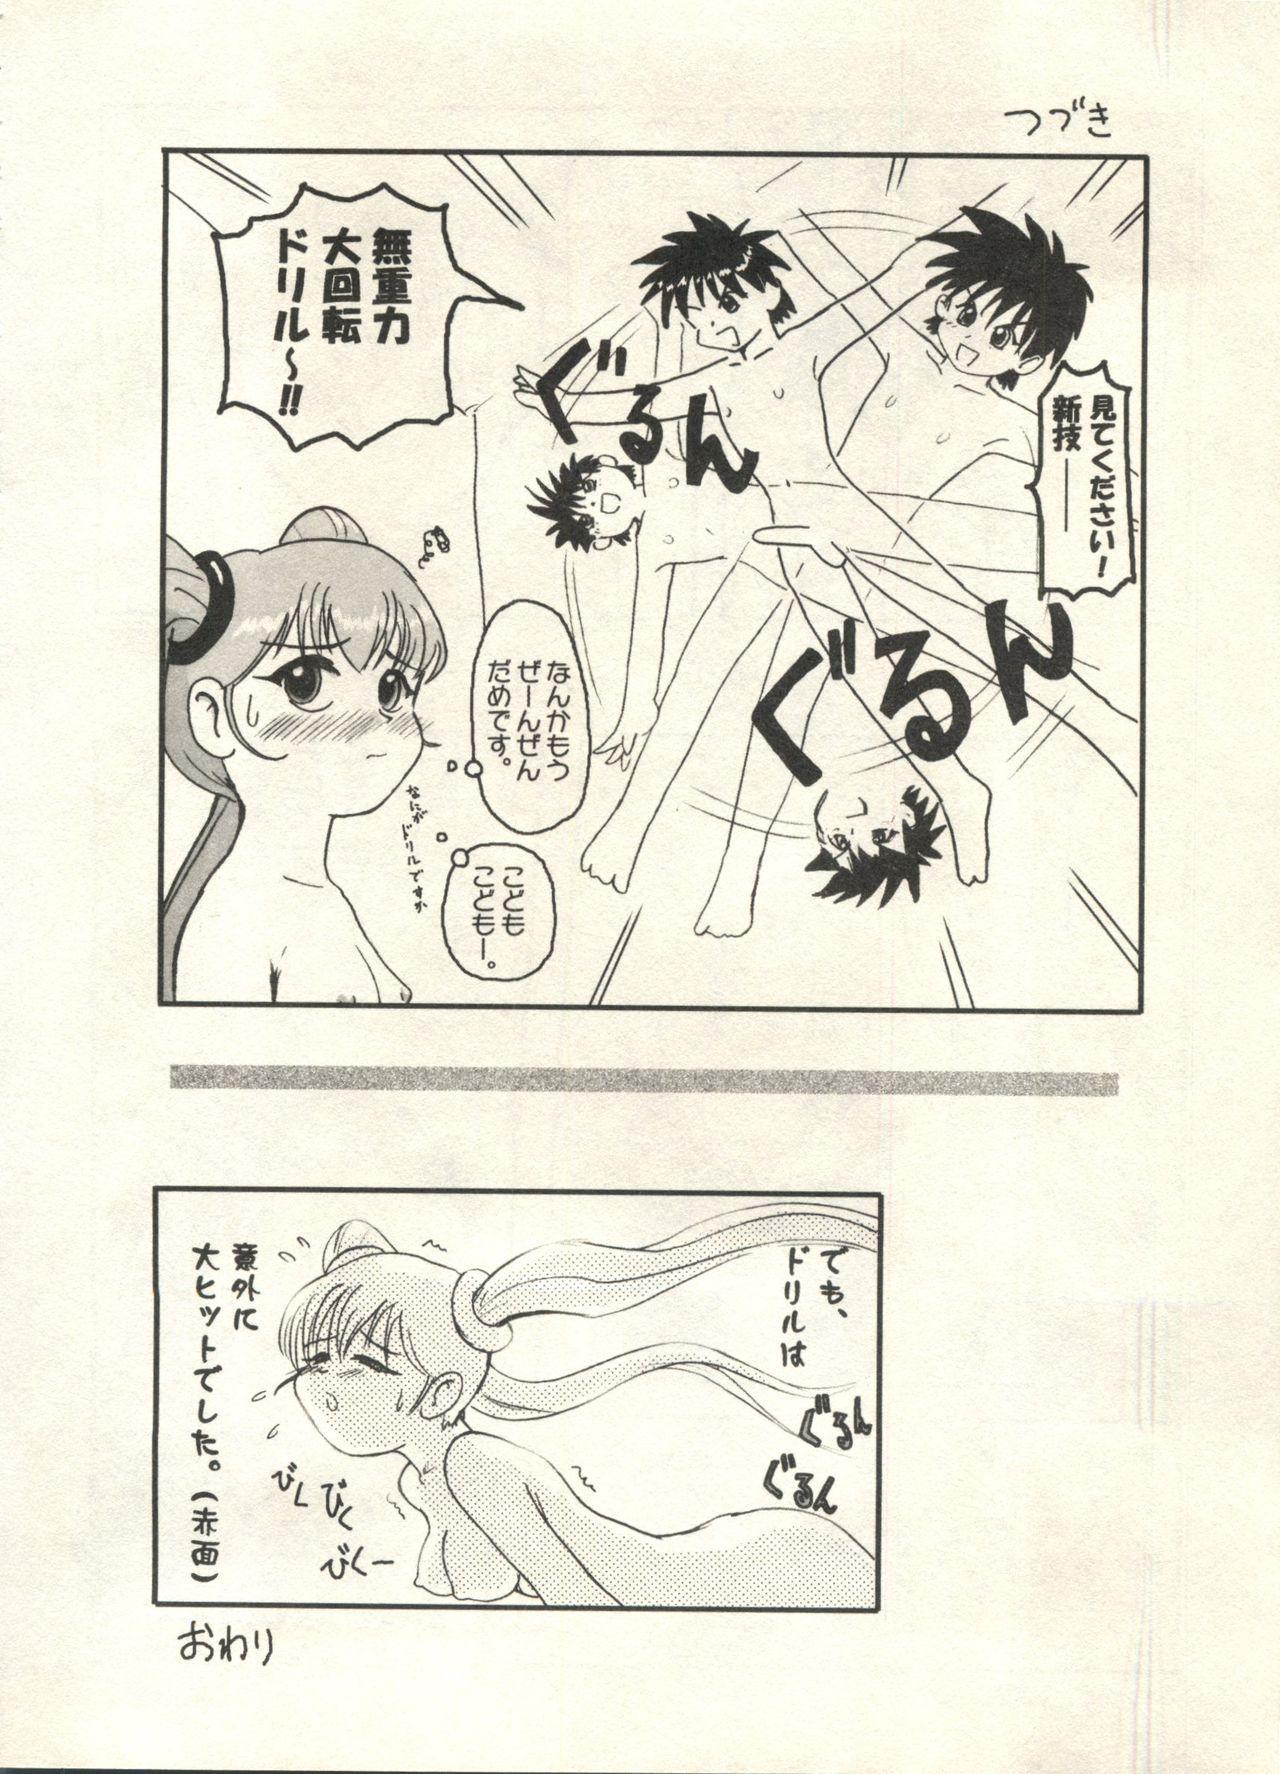 Bishoujo Shoukougun 2000 Manga-Anime Hen 177